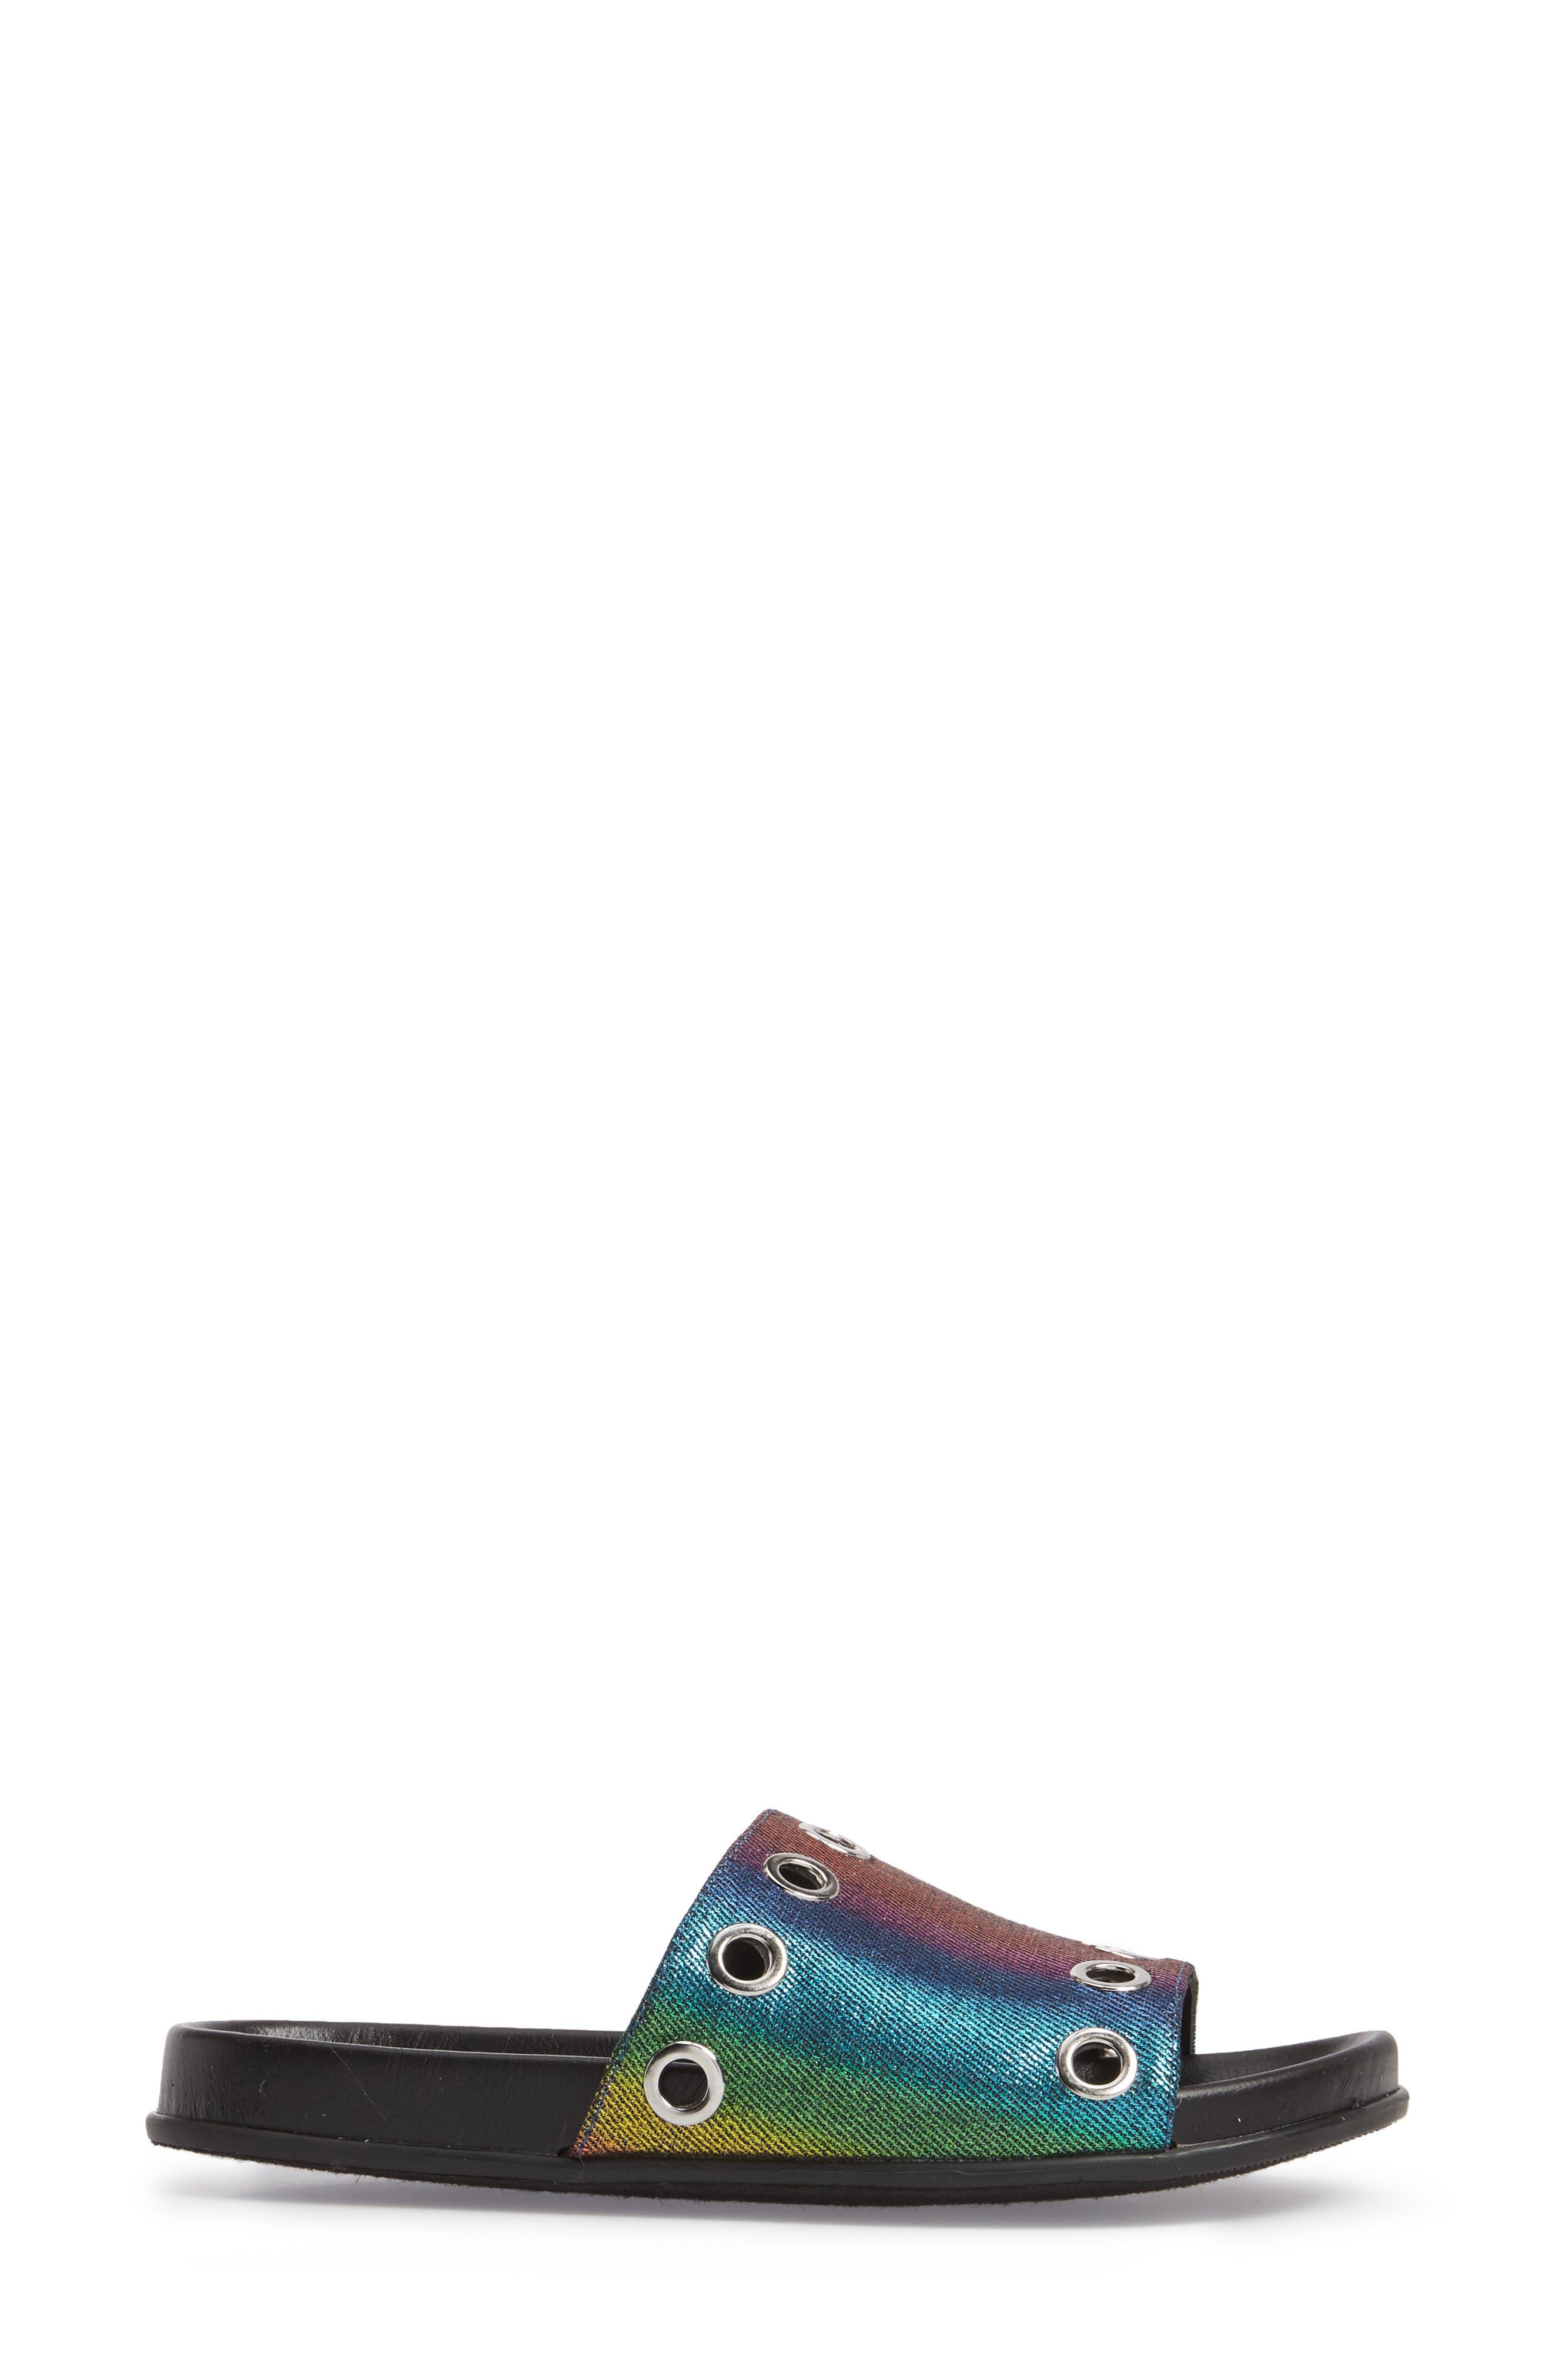 Lenny Slide Sandal,                             Alternate thumbnail 6, color,